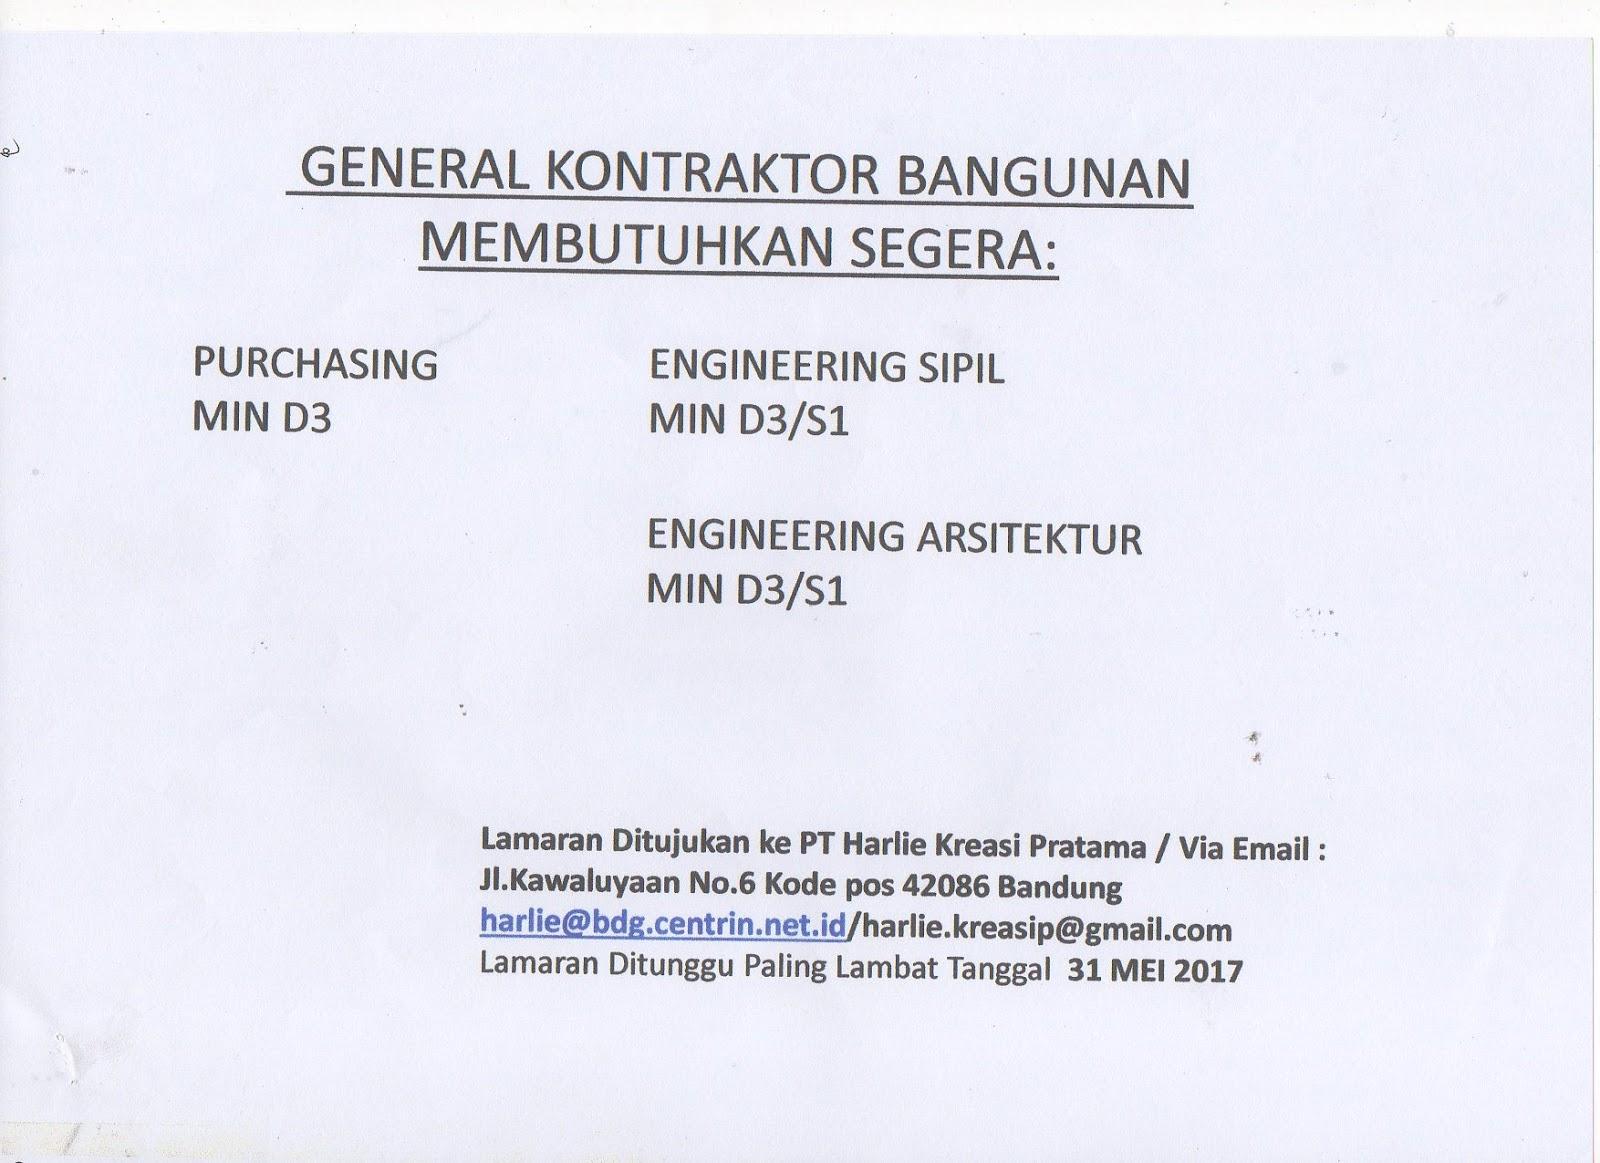 Lowongan Kerja Engineering Arsitektur Pendidikan Minimal D3